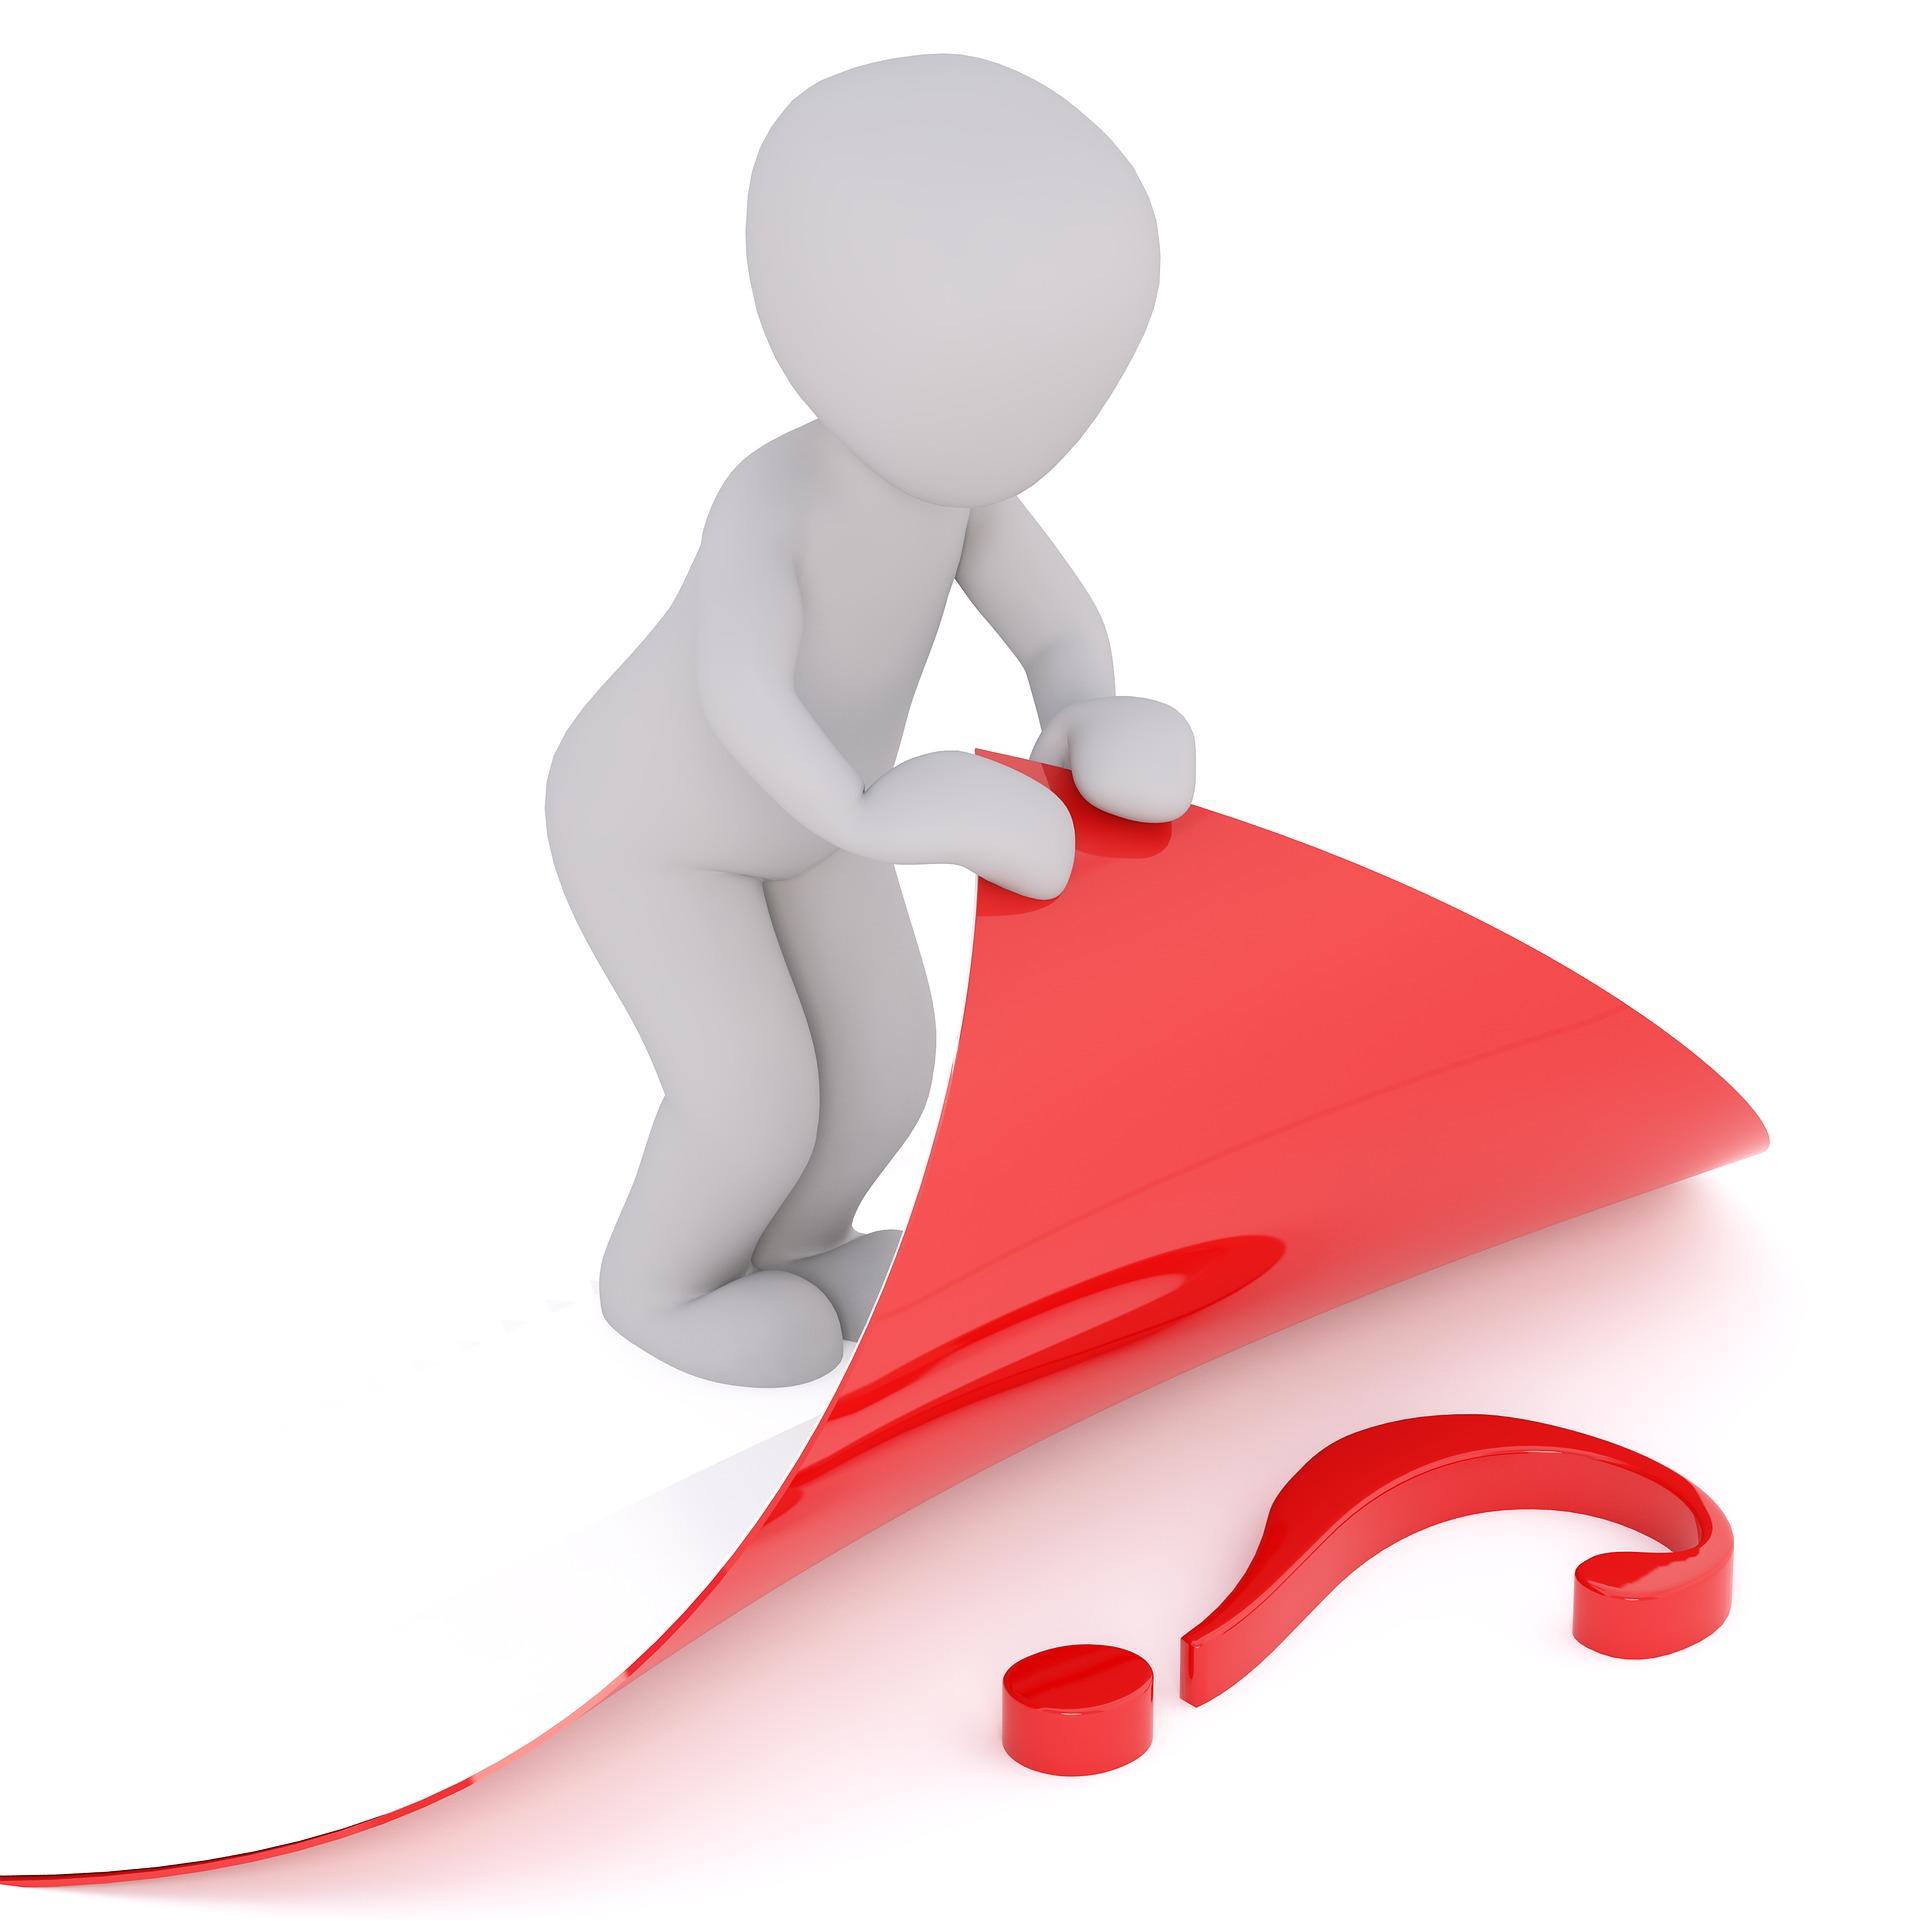 Leben, Erziehung, Erfüllung, Sinn, Liebe, Gesundheit, Sport, Glück, Fröhlichkeit, Persönlichkeitsentwicklung, Arbeit, Geld, Familie, guter Job, Körper, Ernährung, Energie, Motivation, Persönlichkeitsentwicklung, Glaube